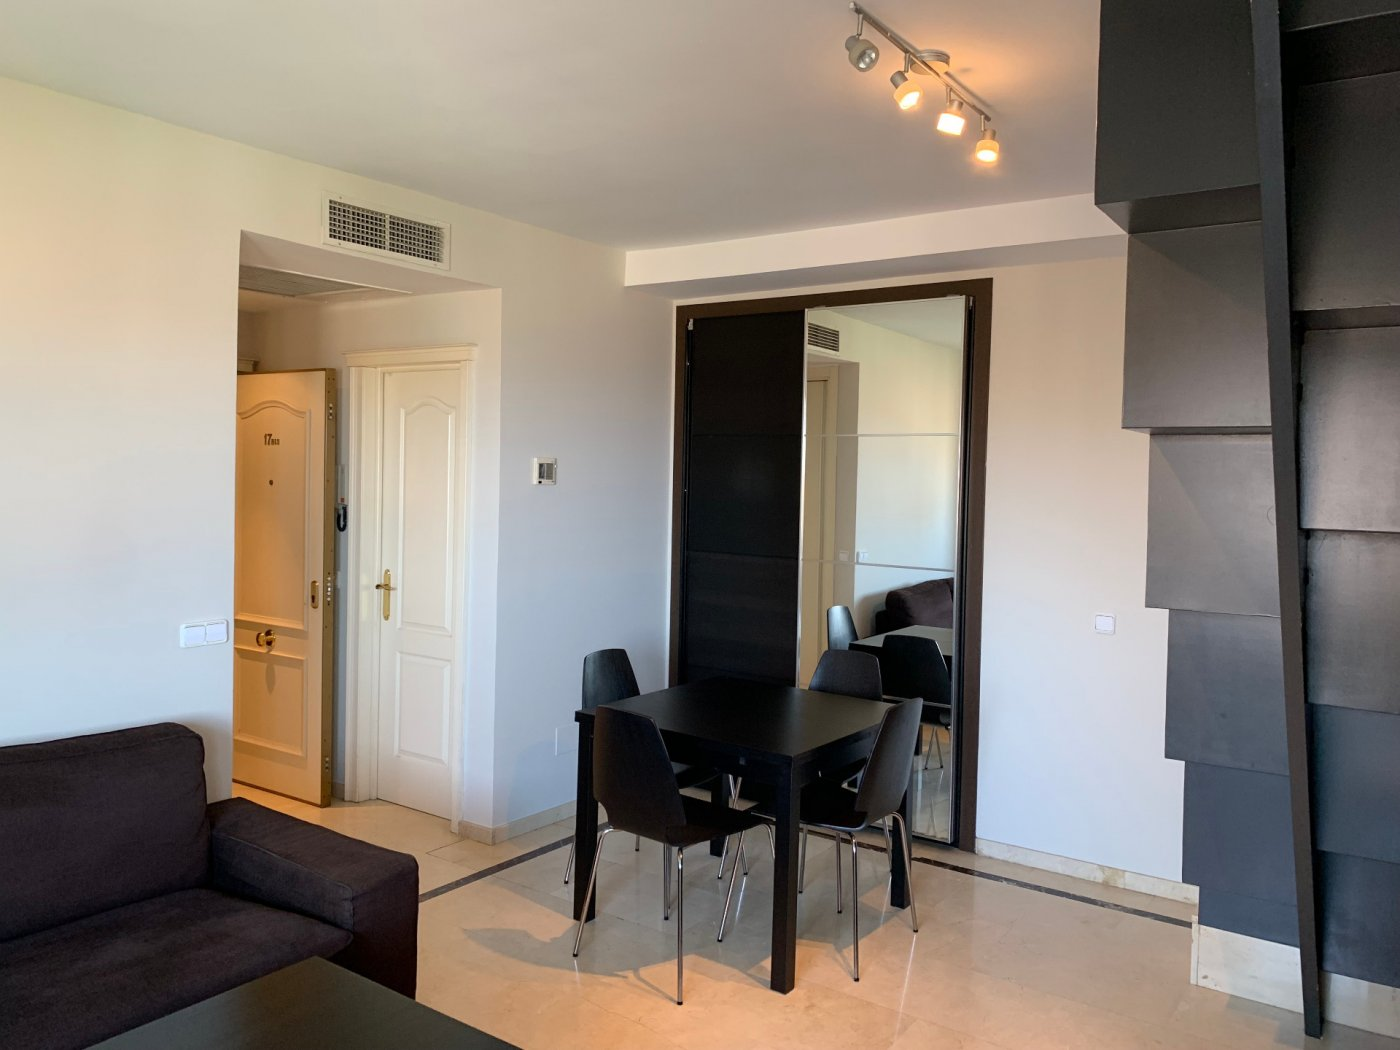 Venta o alquiler de piso en madrid - imagenInmueble4